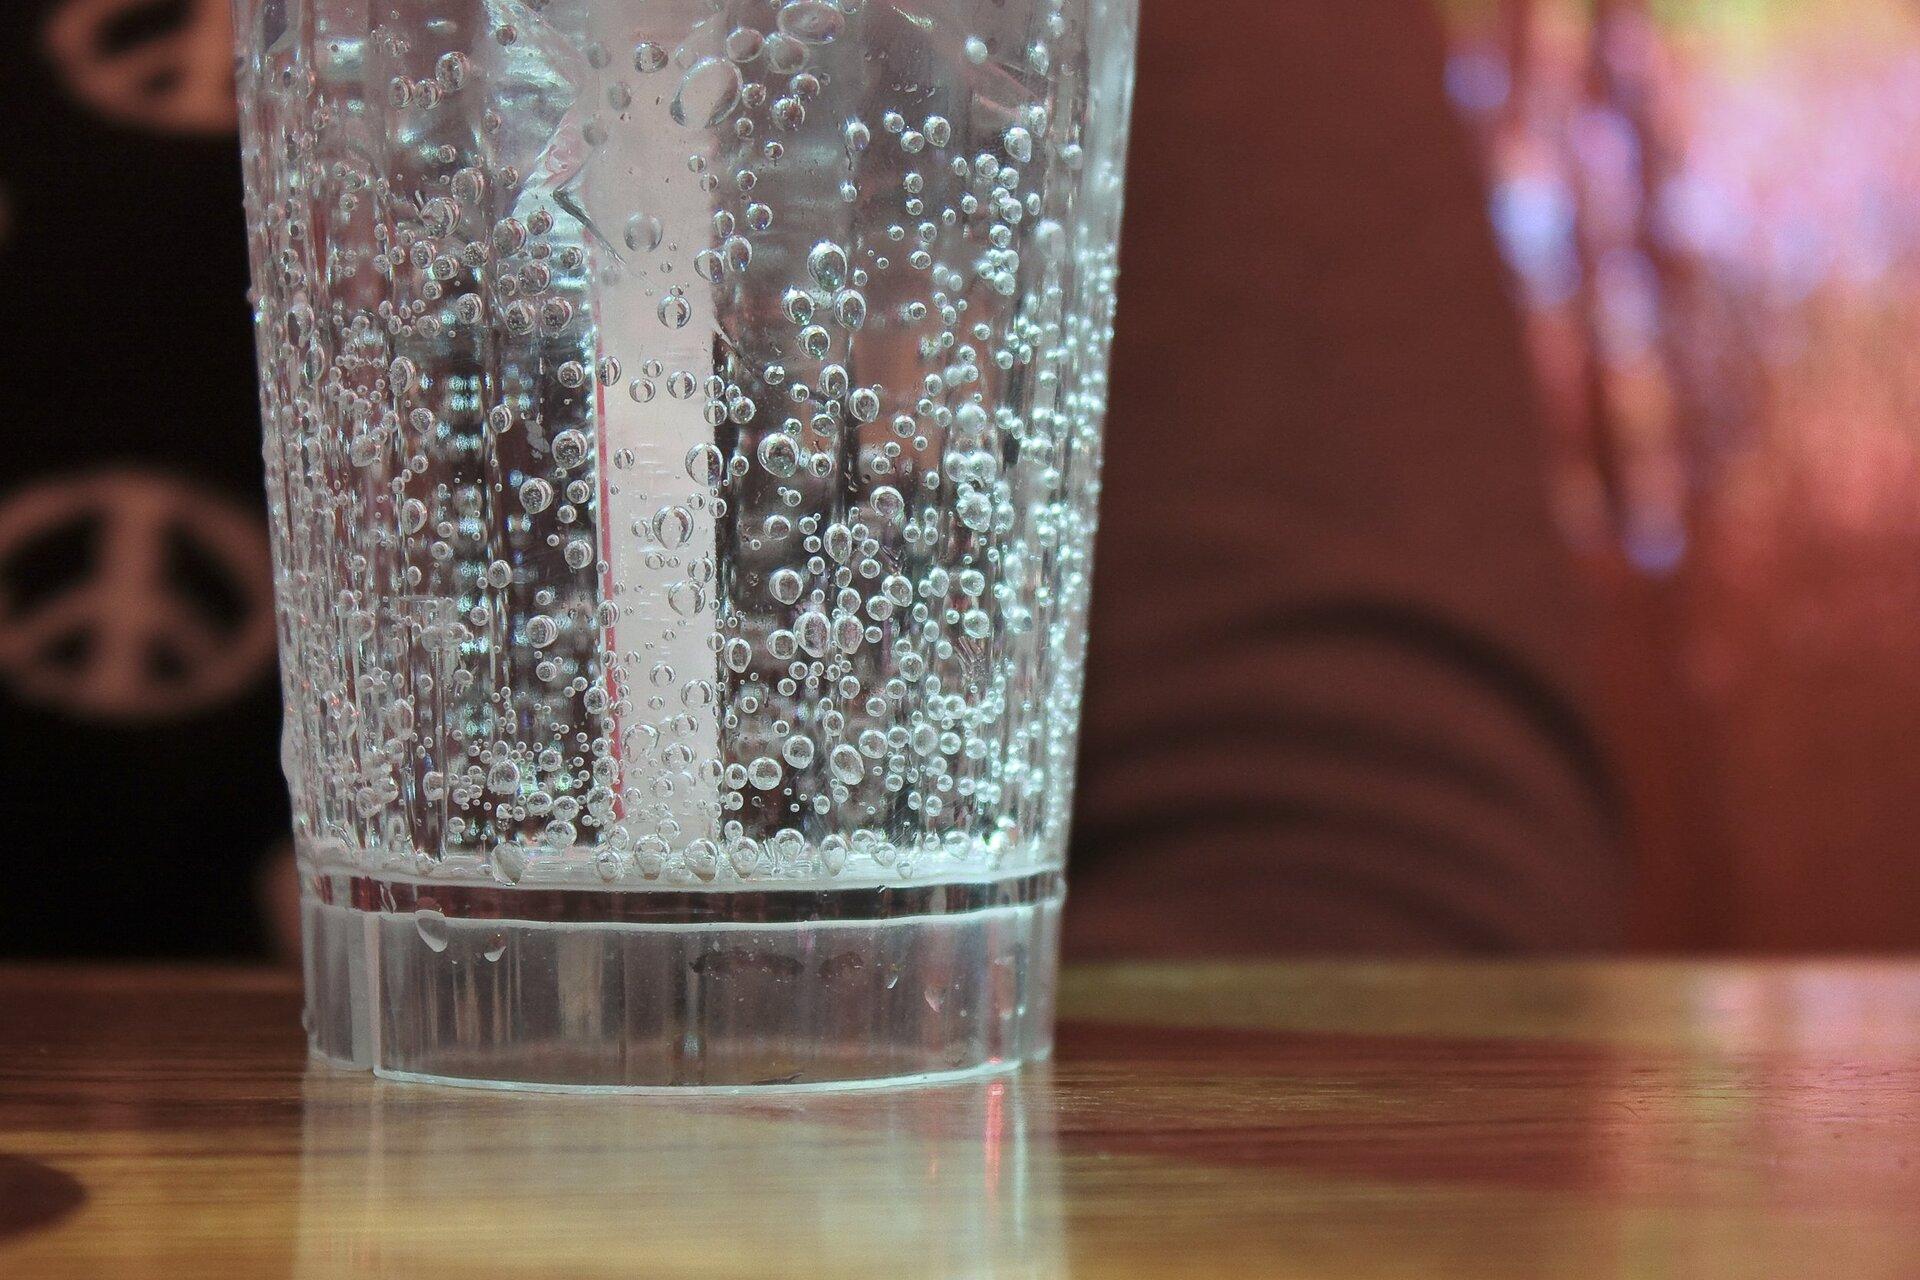 Zdjęcie przedstawia dolną połowę szklanki zwodą mineralną stojącą na blacie stołu. Wszklance oprócz wody znajduje się słomka oraz dużo wytrącanych bąbelków gazu przyległych do dna iwewnętrznych ścianek. Wtle fragment postaci ludzkiej ukazanej nieostro.